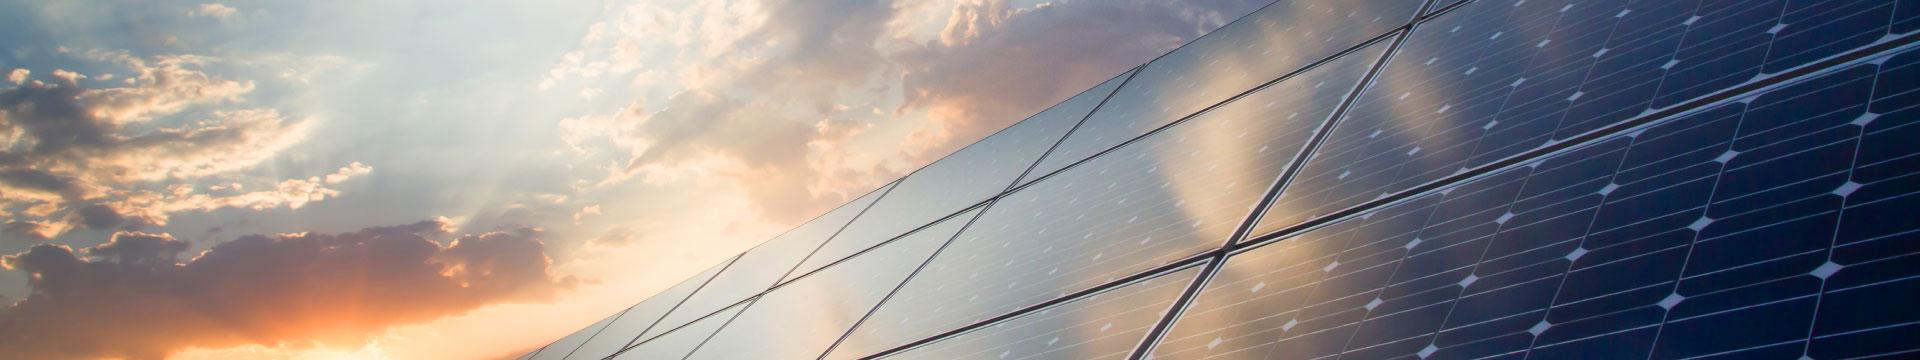 Lo studio legale Piselli and Partners assiste soggetti pubblici e privati nei settori dell'energia e dell'ambiente